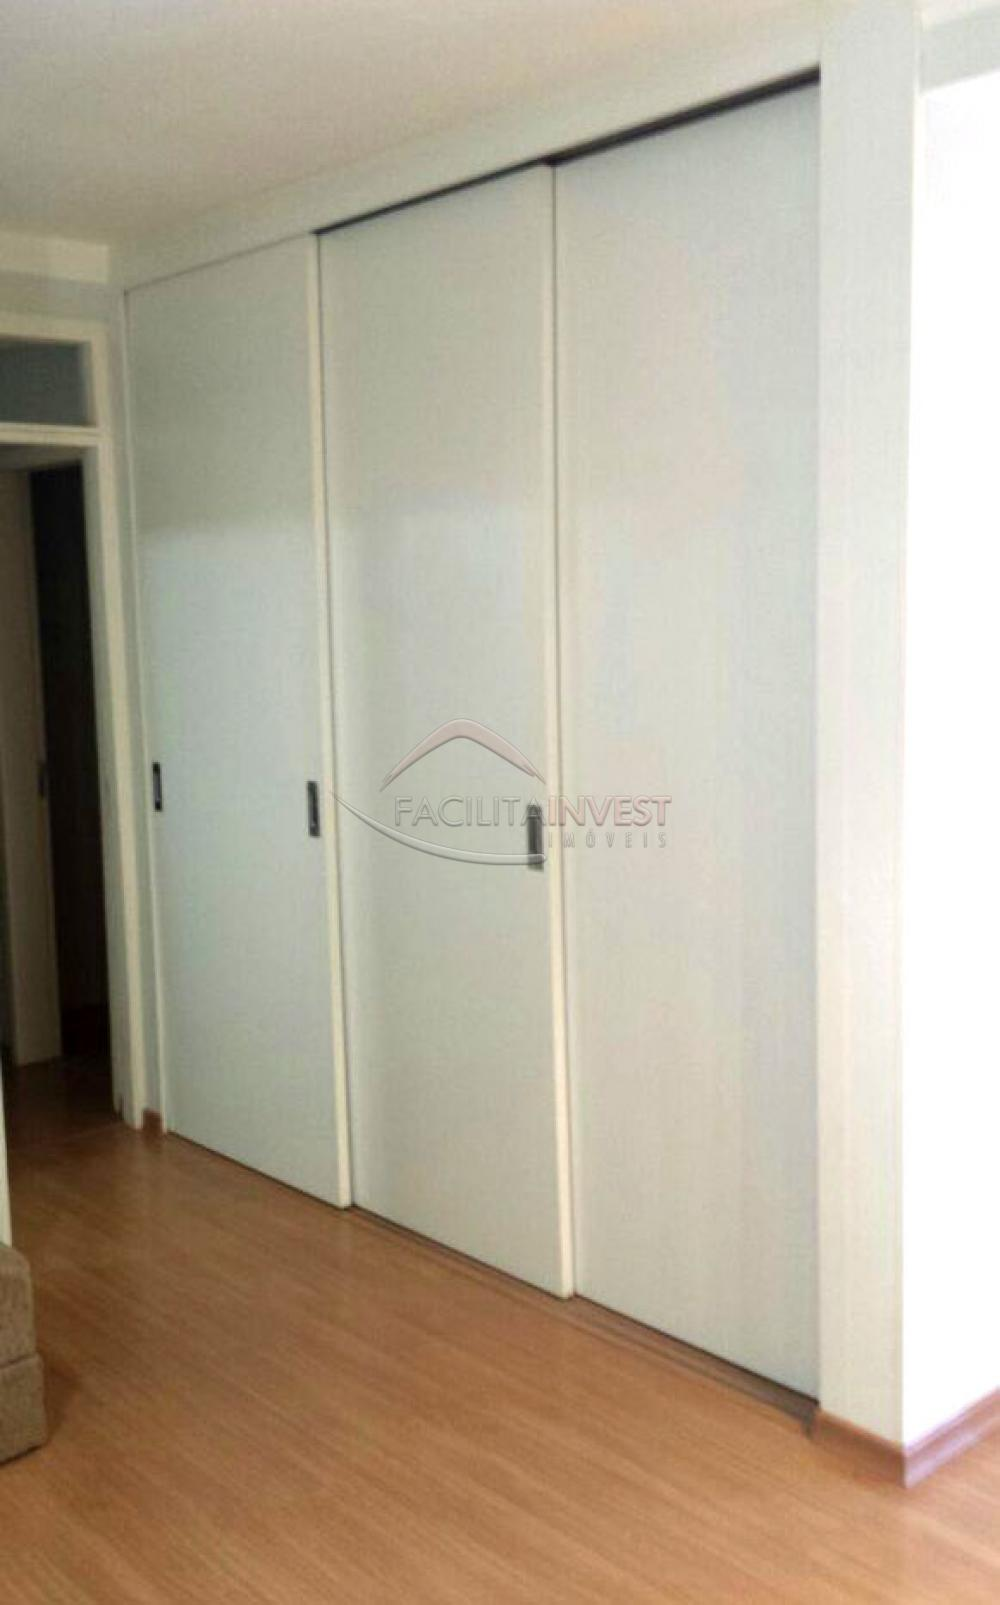 Comprar Apartamentos / Apartamento Mobiliado em Ribeirão Preto apenas R$ 315.000,00 - Foto 10